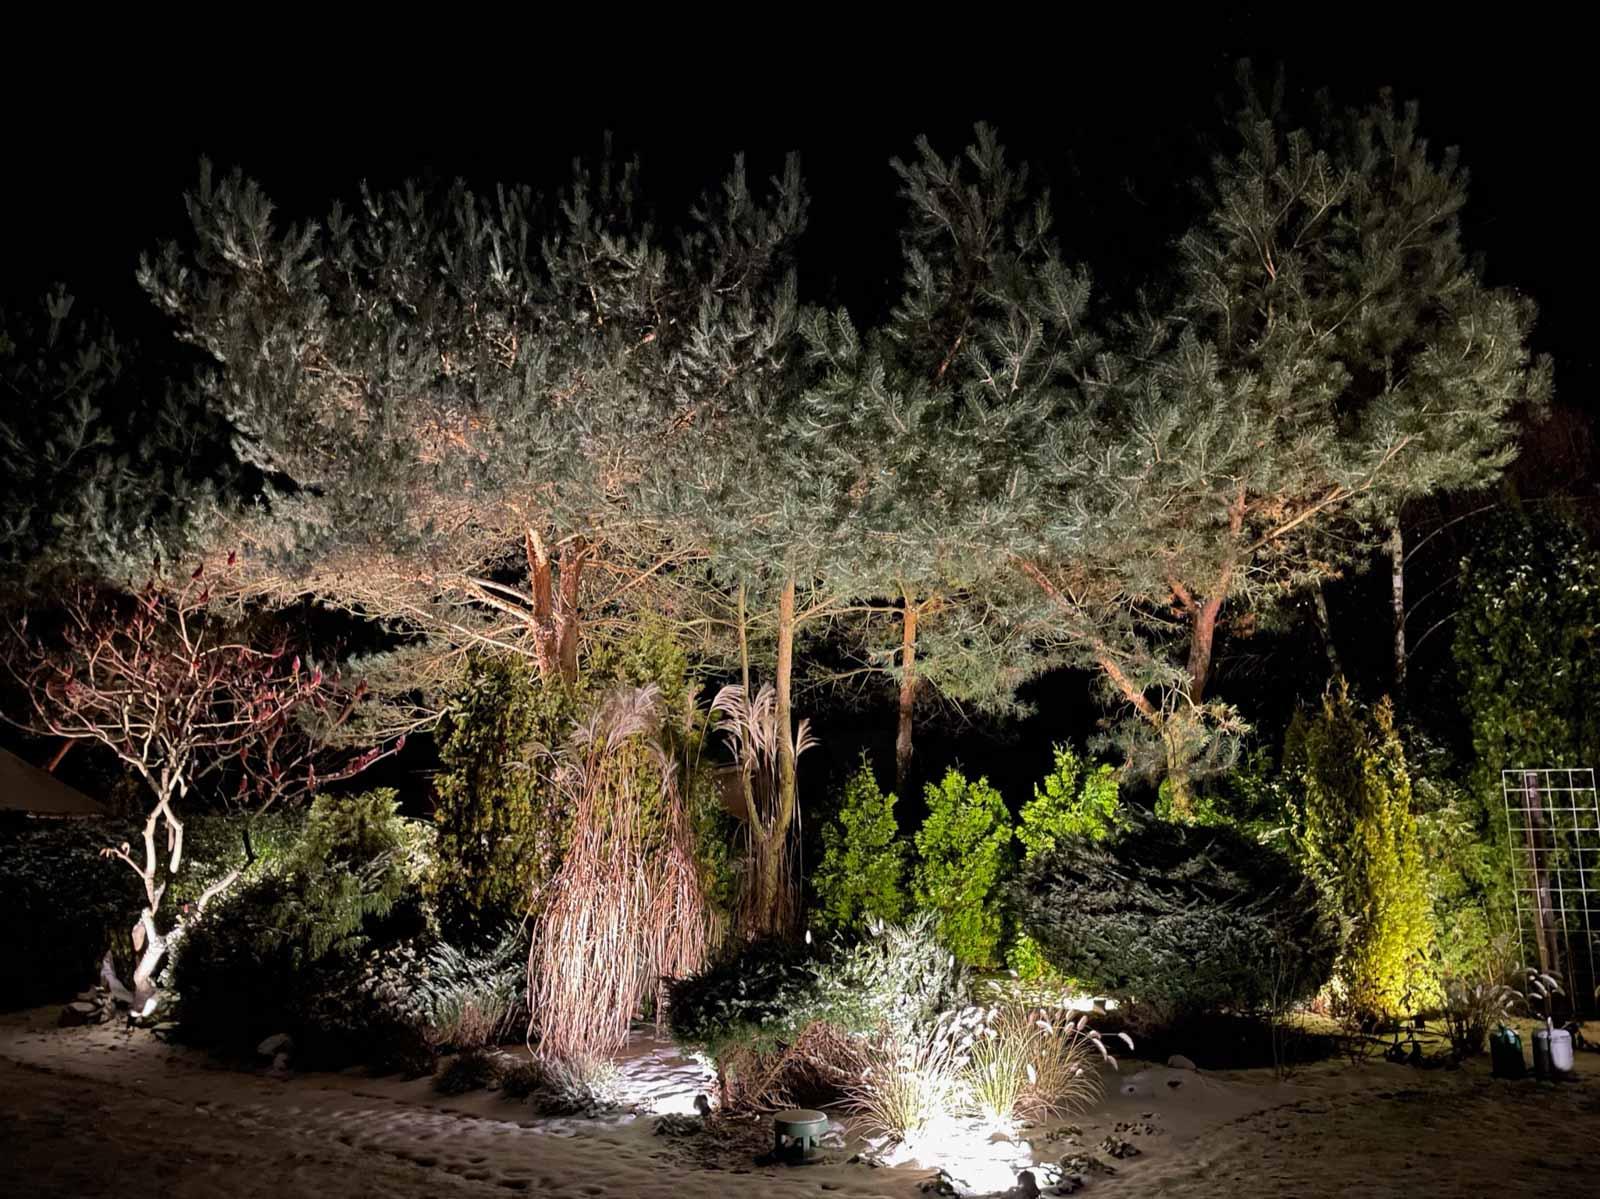 lampy ogrodowe led podświetlające drzewo